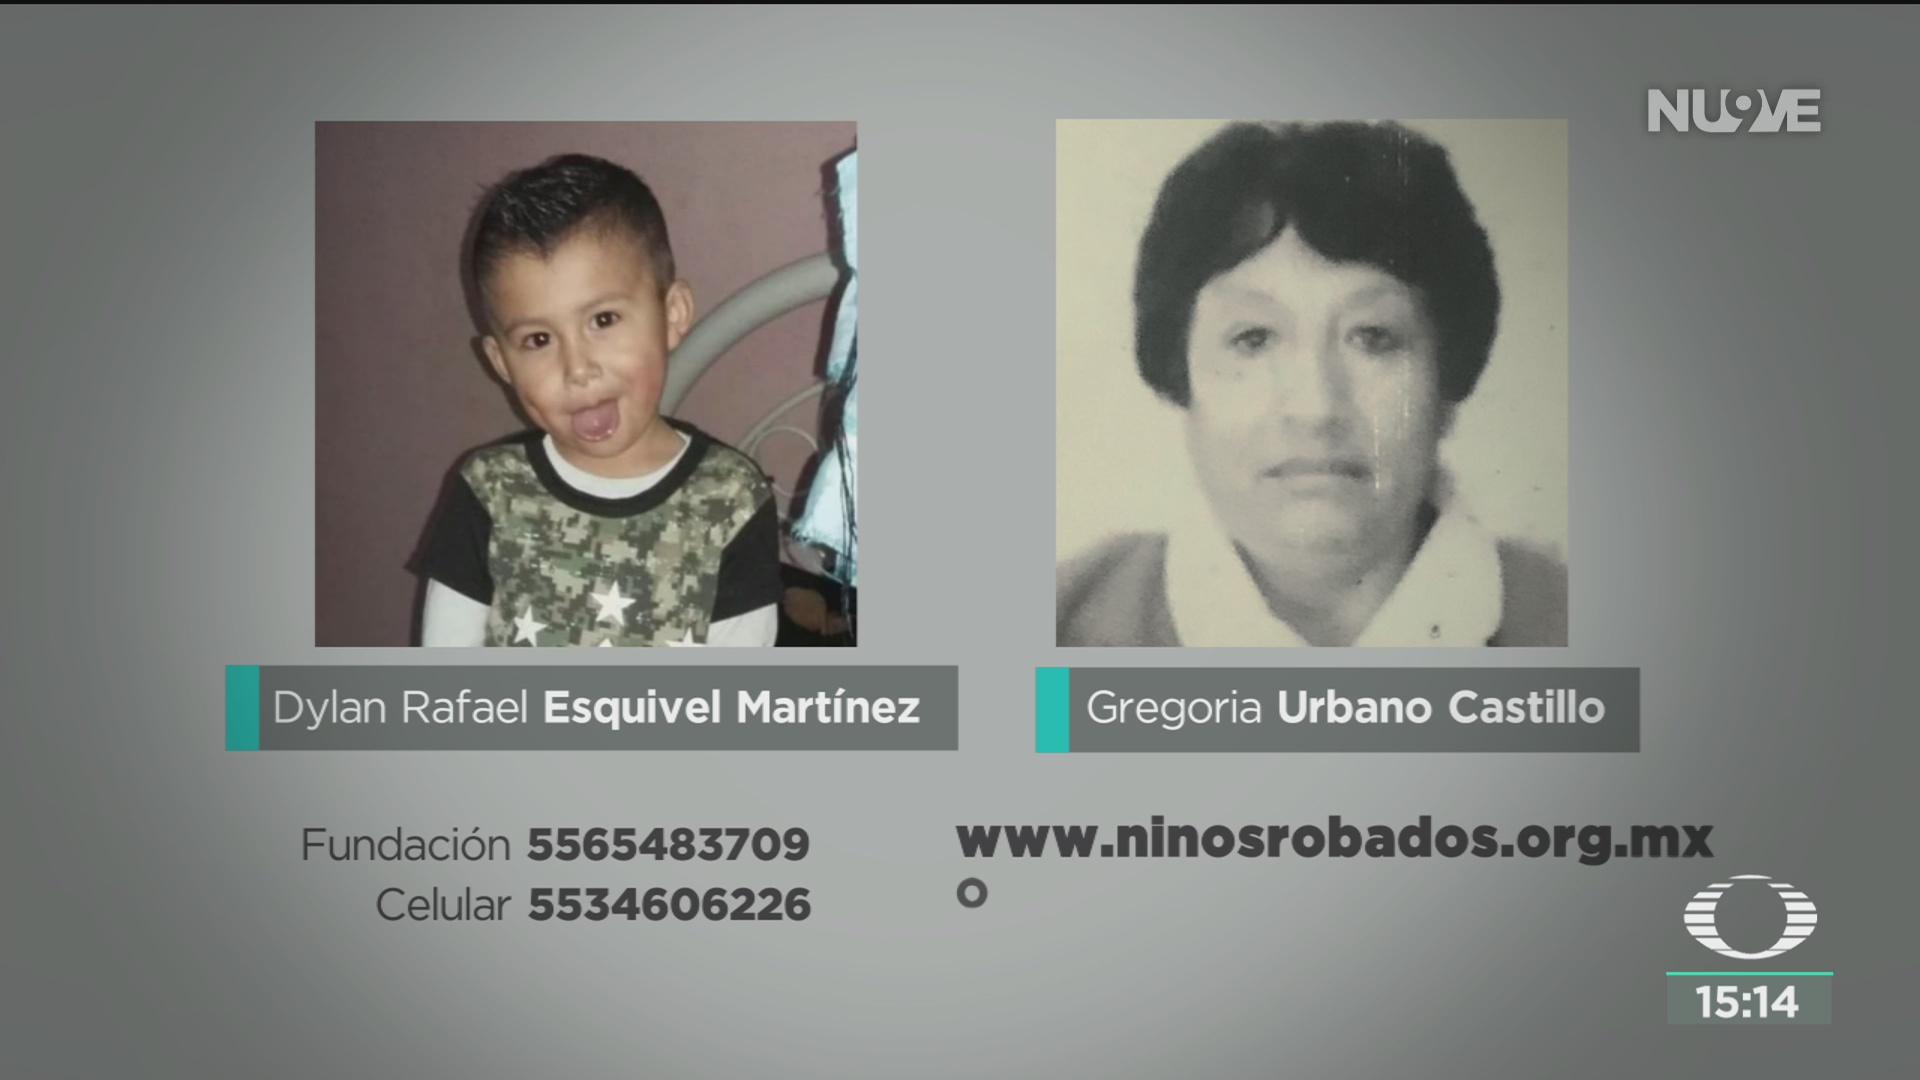 FOTO: robo y desaparicion de menores